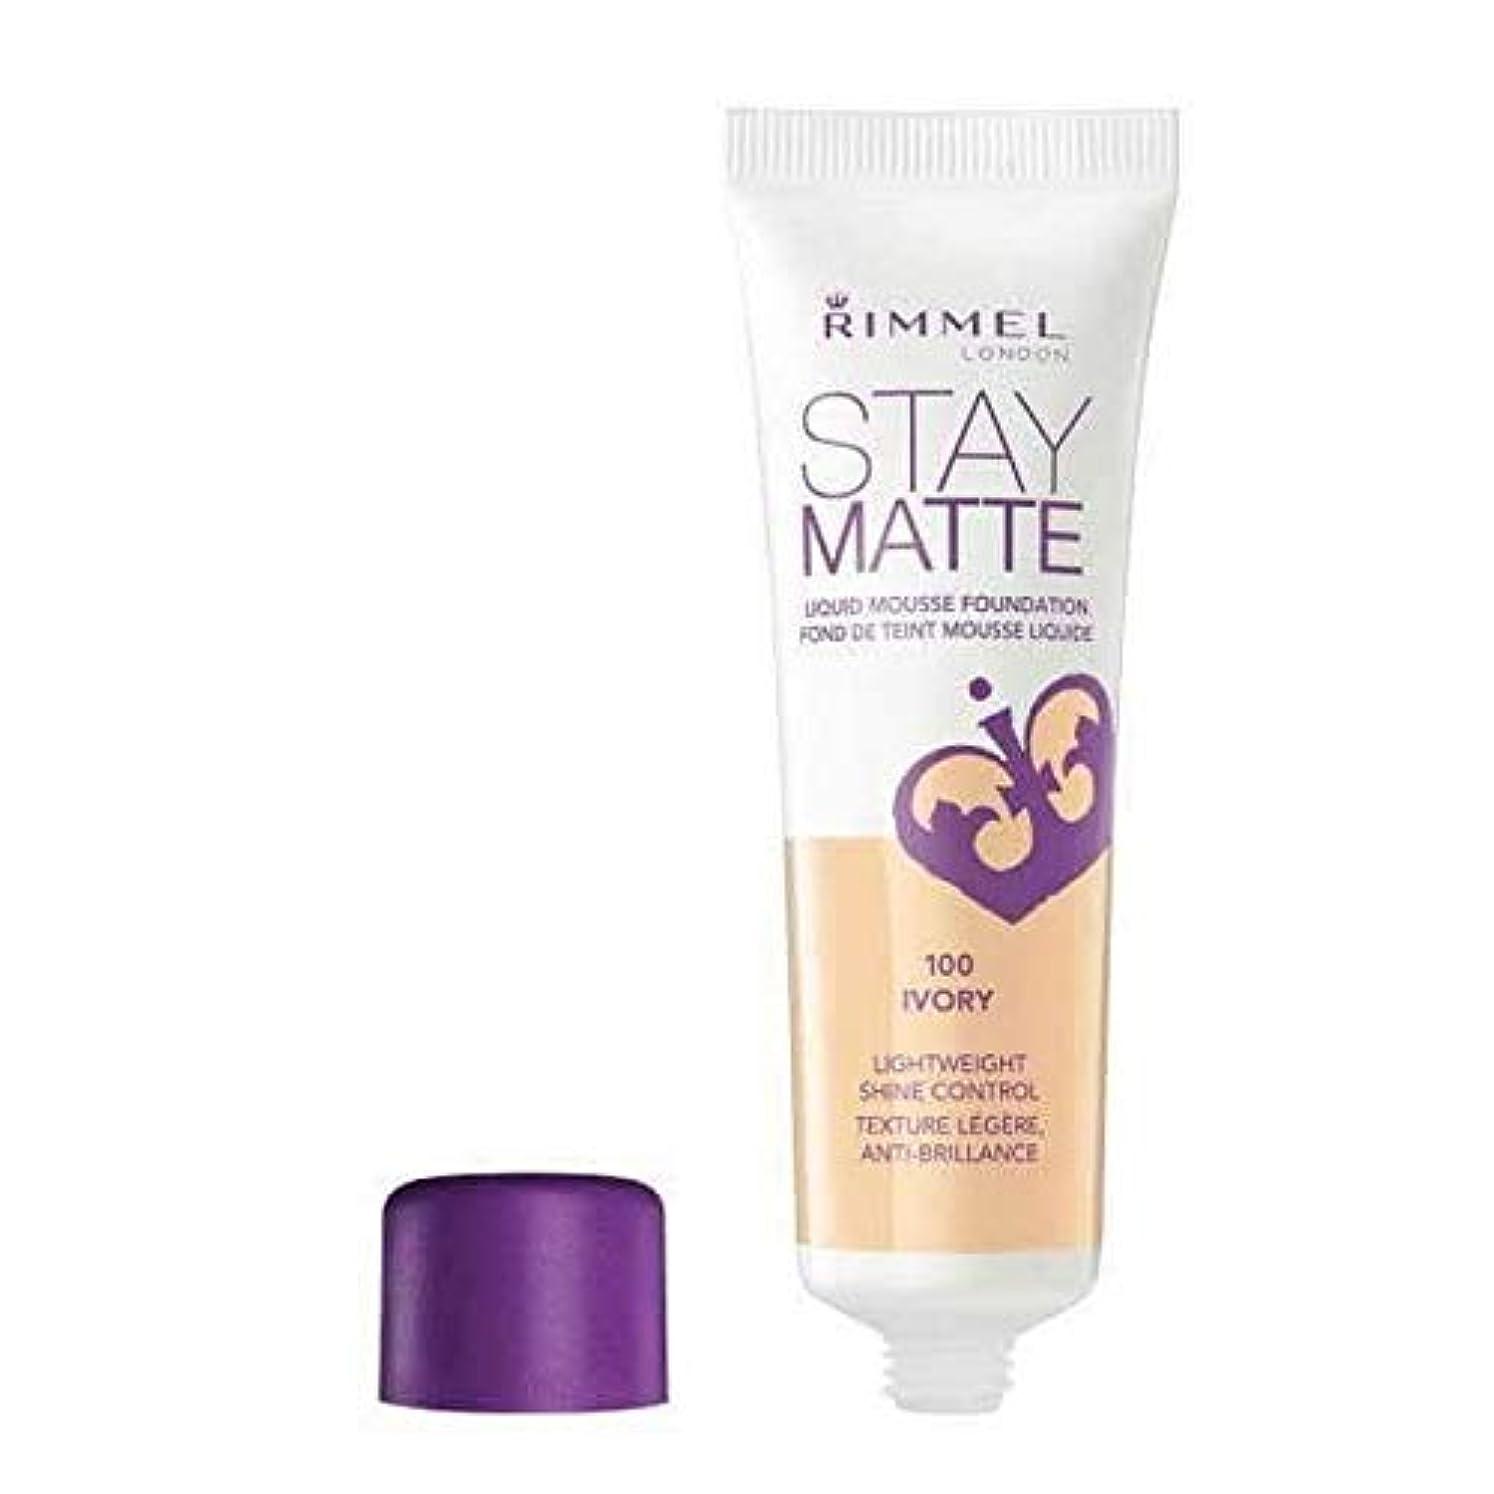 再びリットル決して[Rimmel ] リンメルステイマット基礎アイボリー - Rimmel Stay Matte Foundation Ivory [並行輸入品]